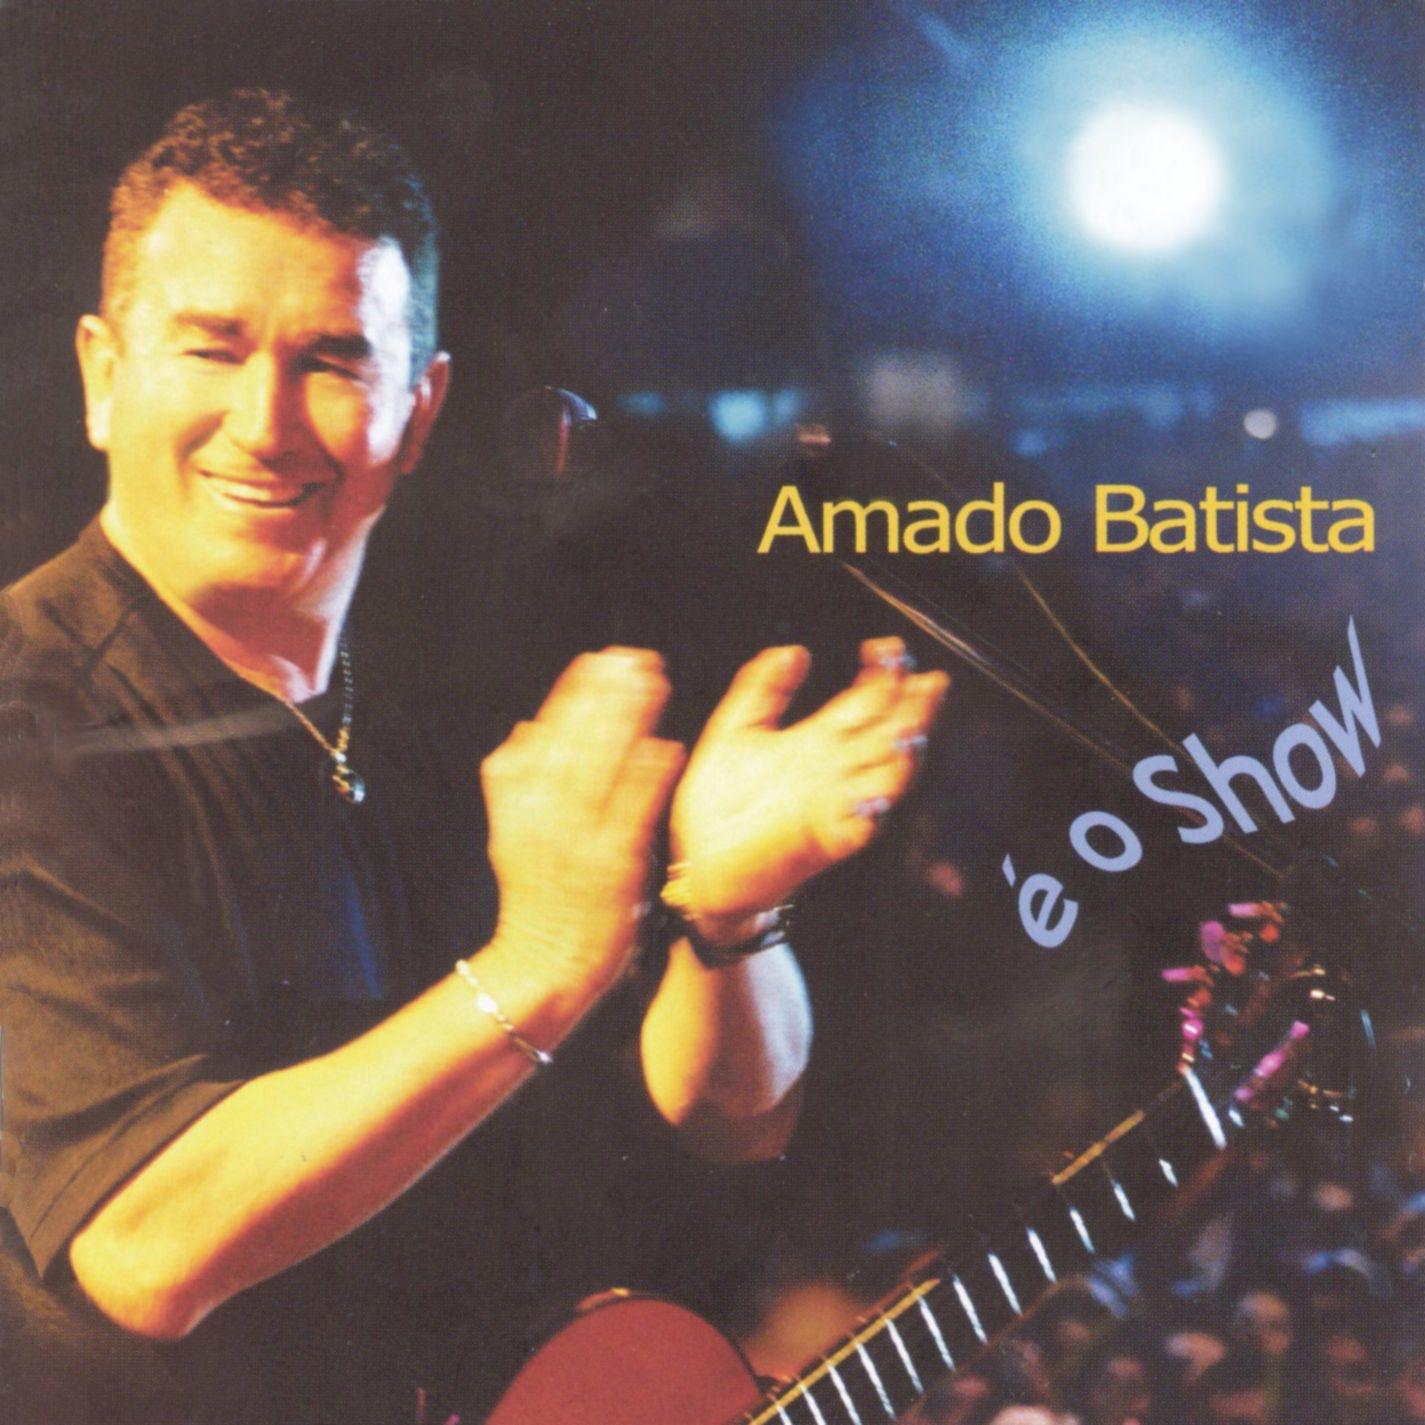 Amado Batista Princesa Com Letra - YouTube